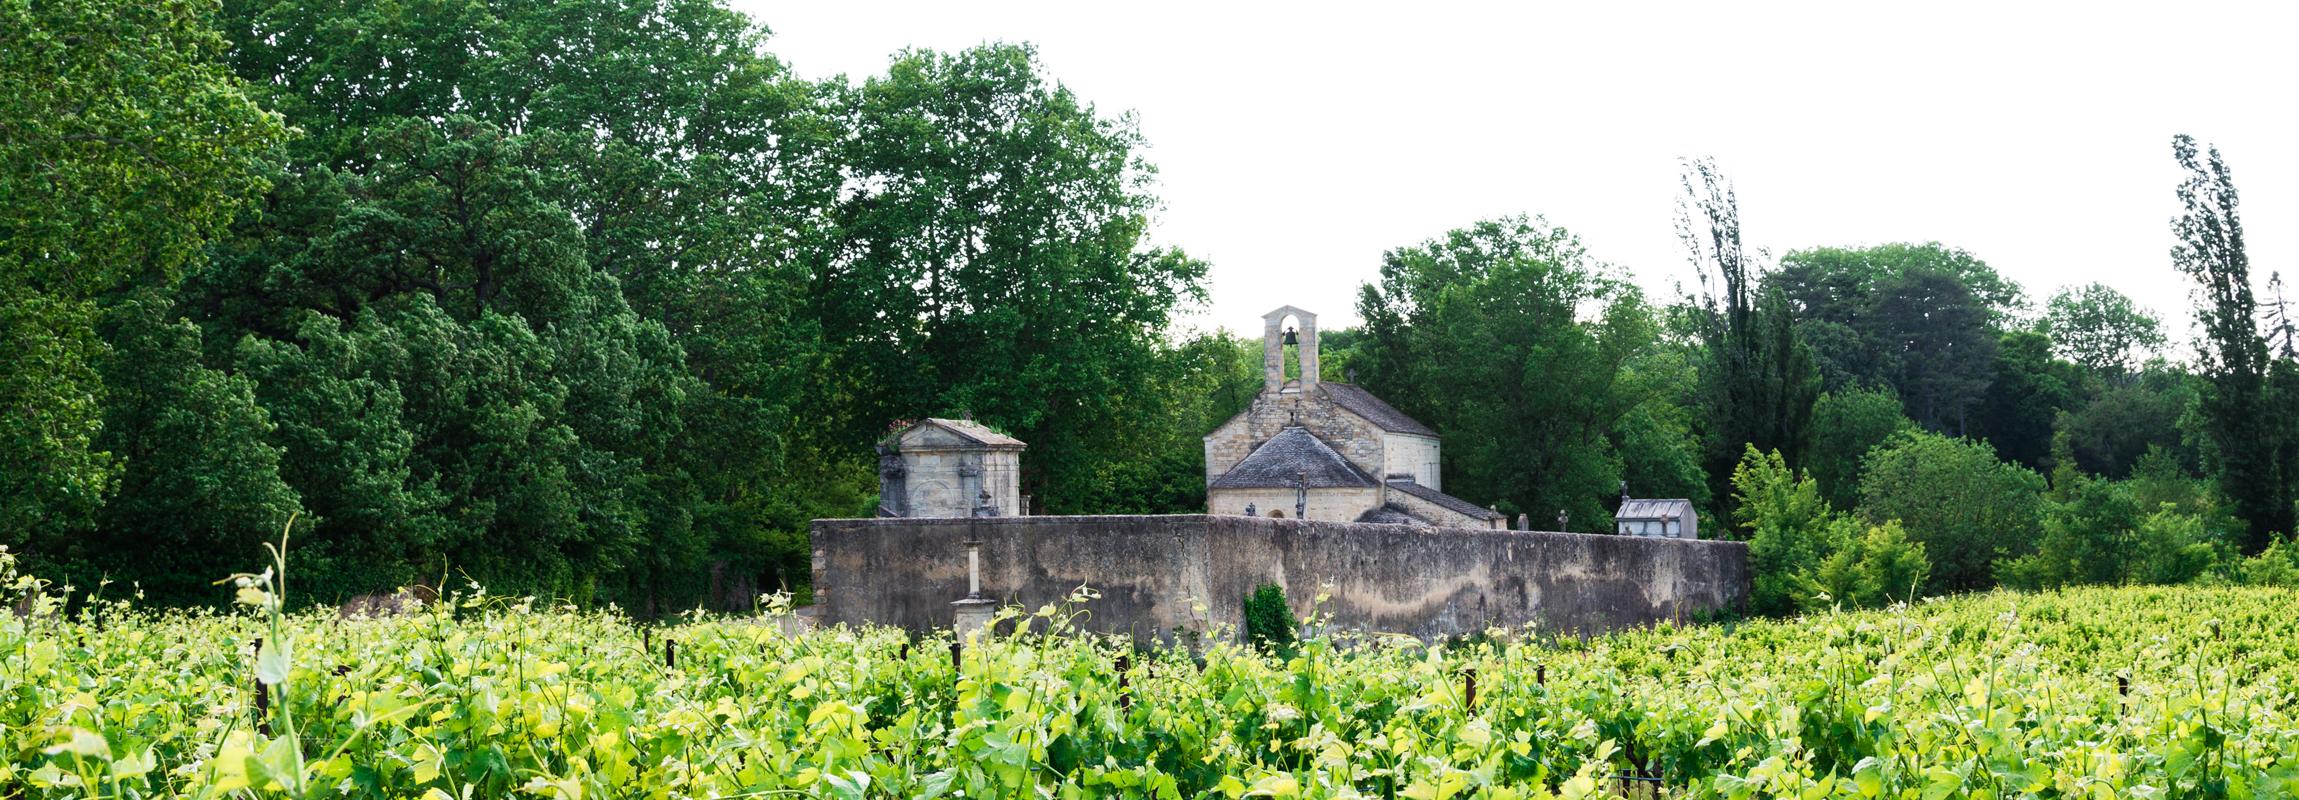 L'Hôtel Château de Montcaud est situé géographiquement dans le hameau de Combes dans la commune de Sabran, en bordure de la Provence, dans le sud de la France. Des bâtiments historiques comme cette petite église de Combes ornent les villages environnants.